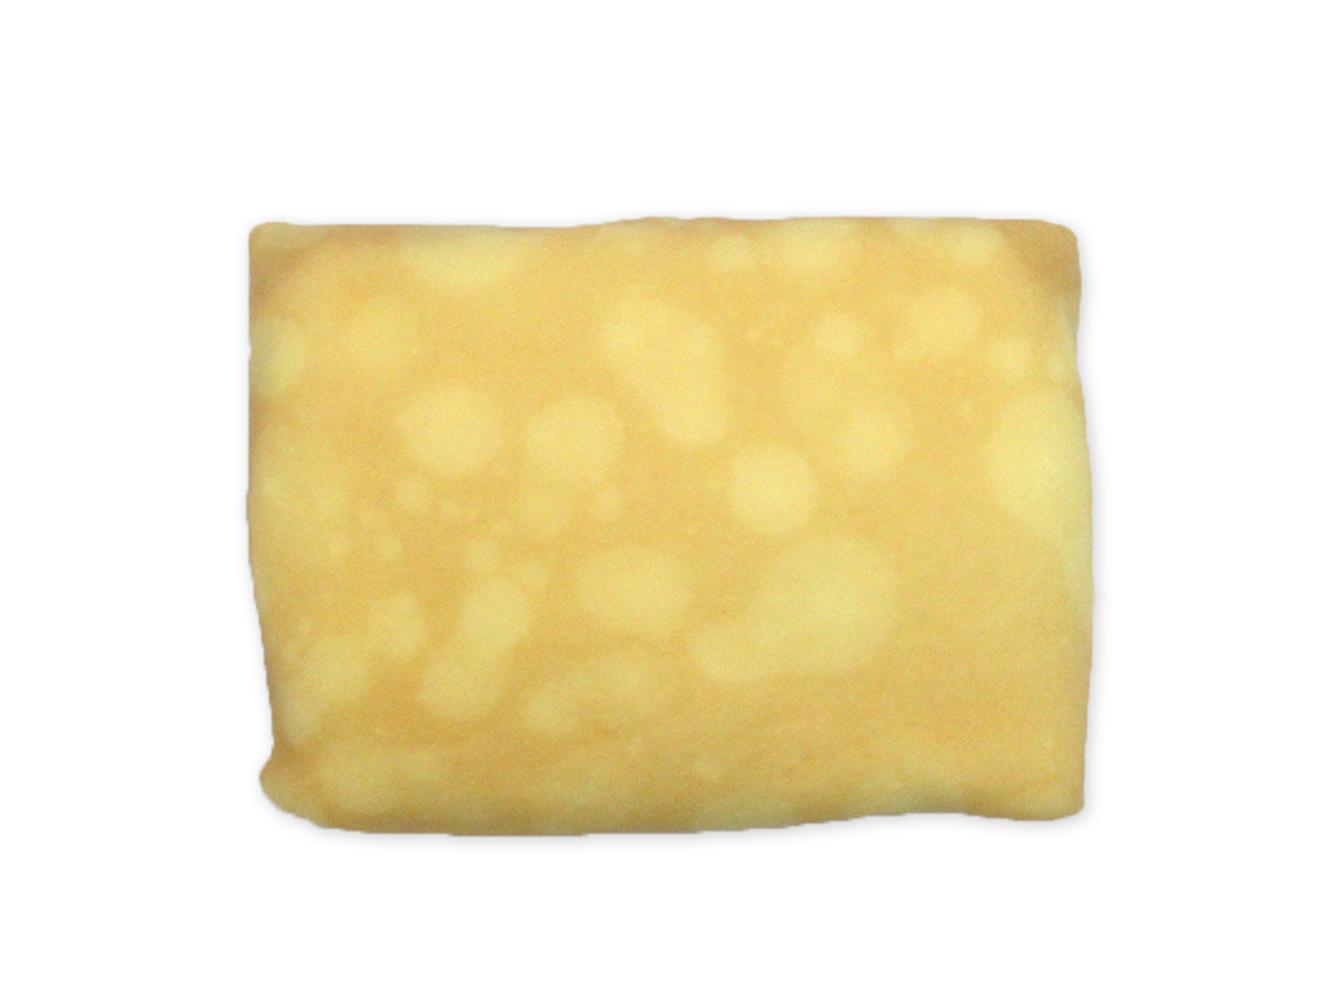 もっちりクレープ ブルーベリーレアチーズ